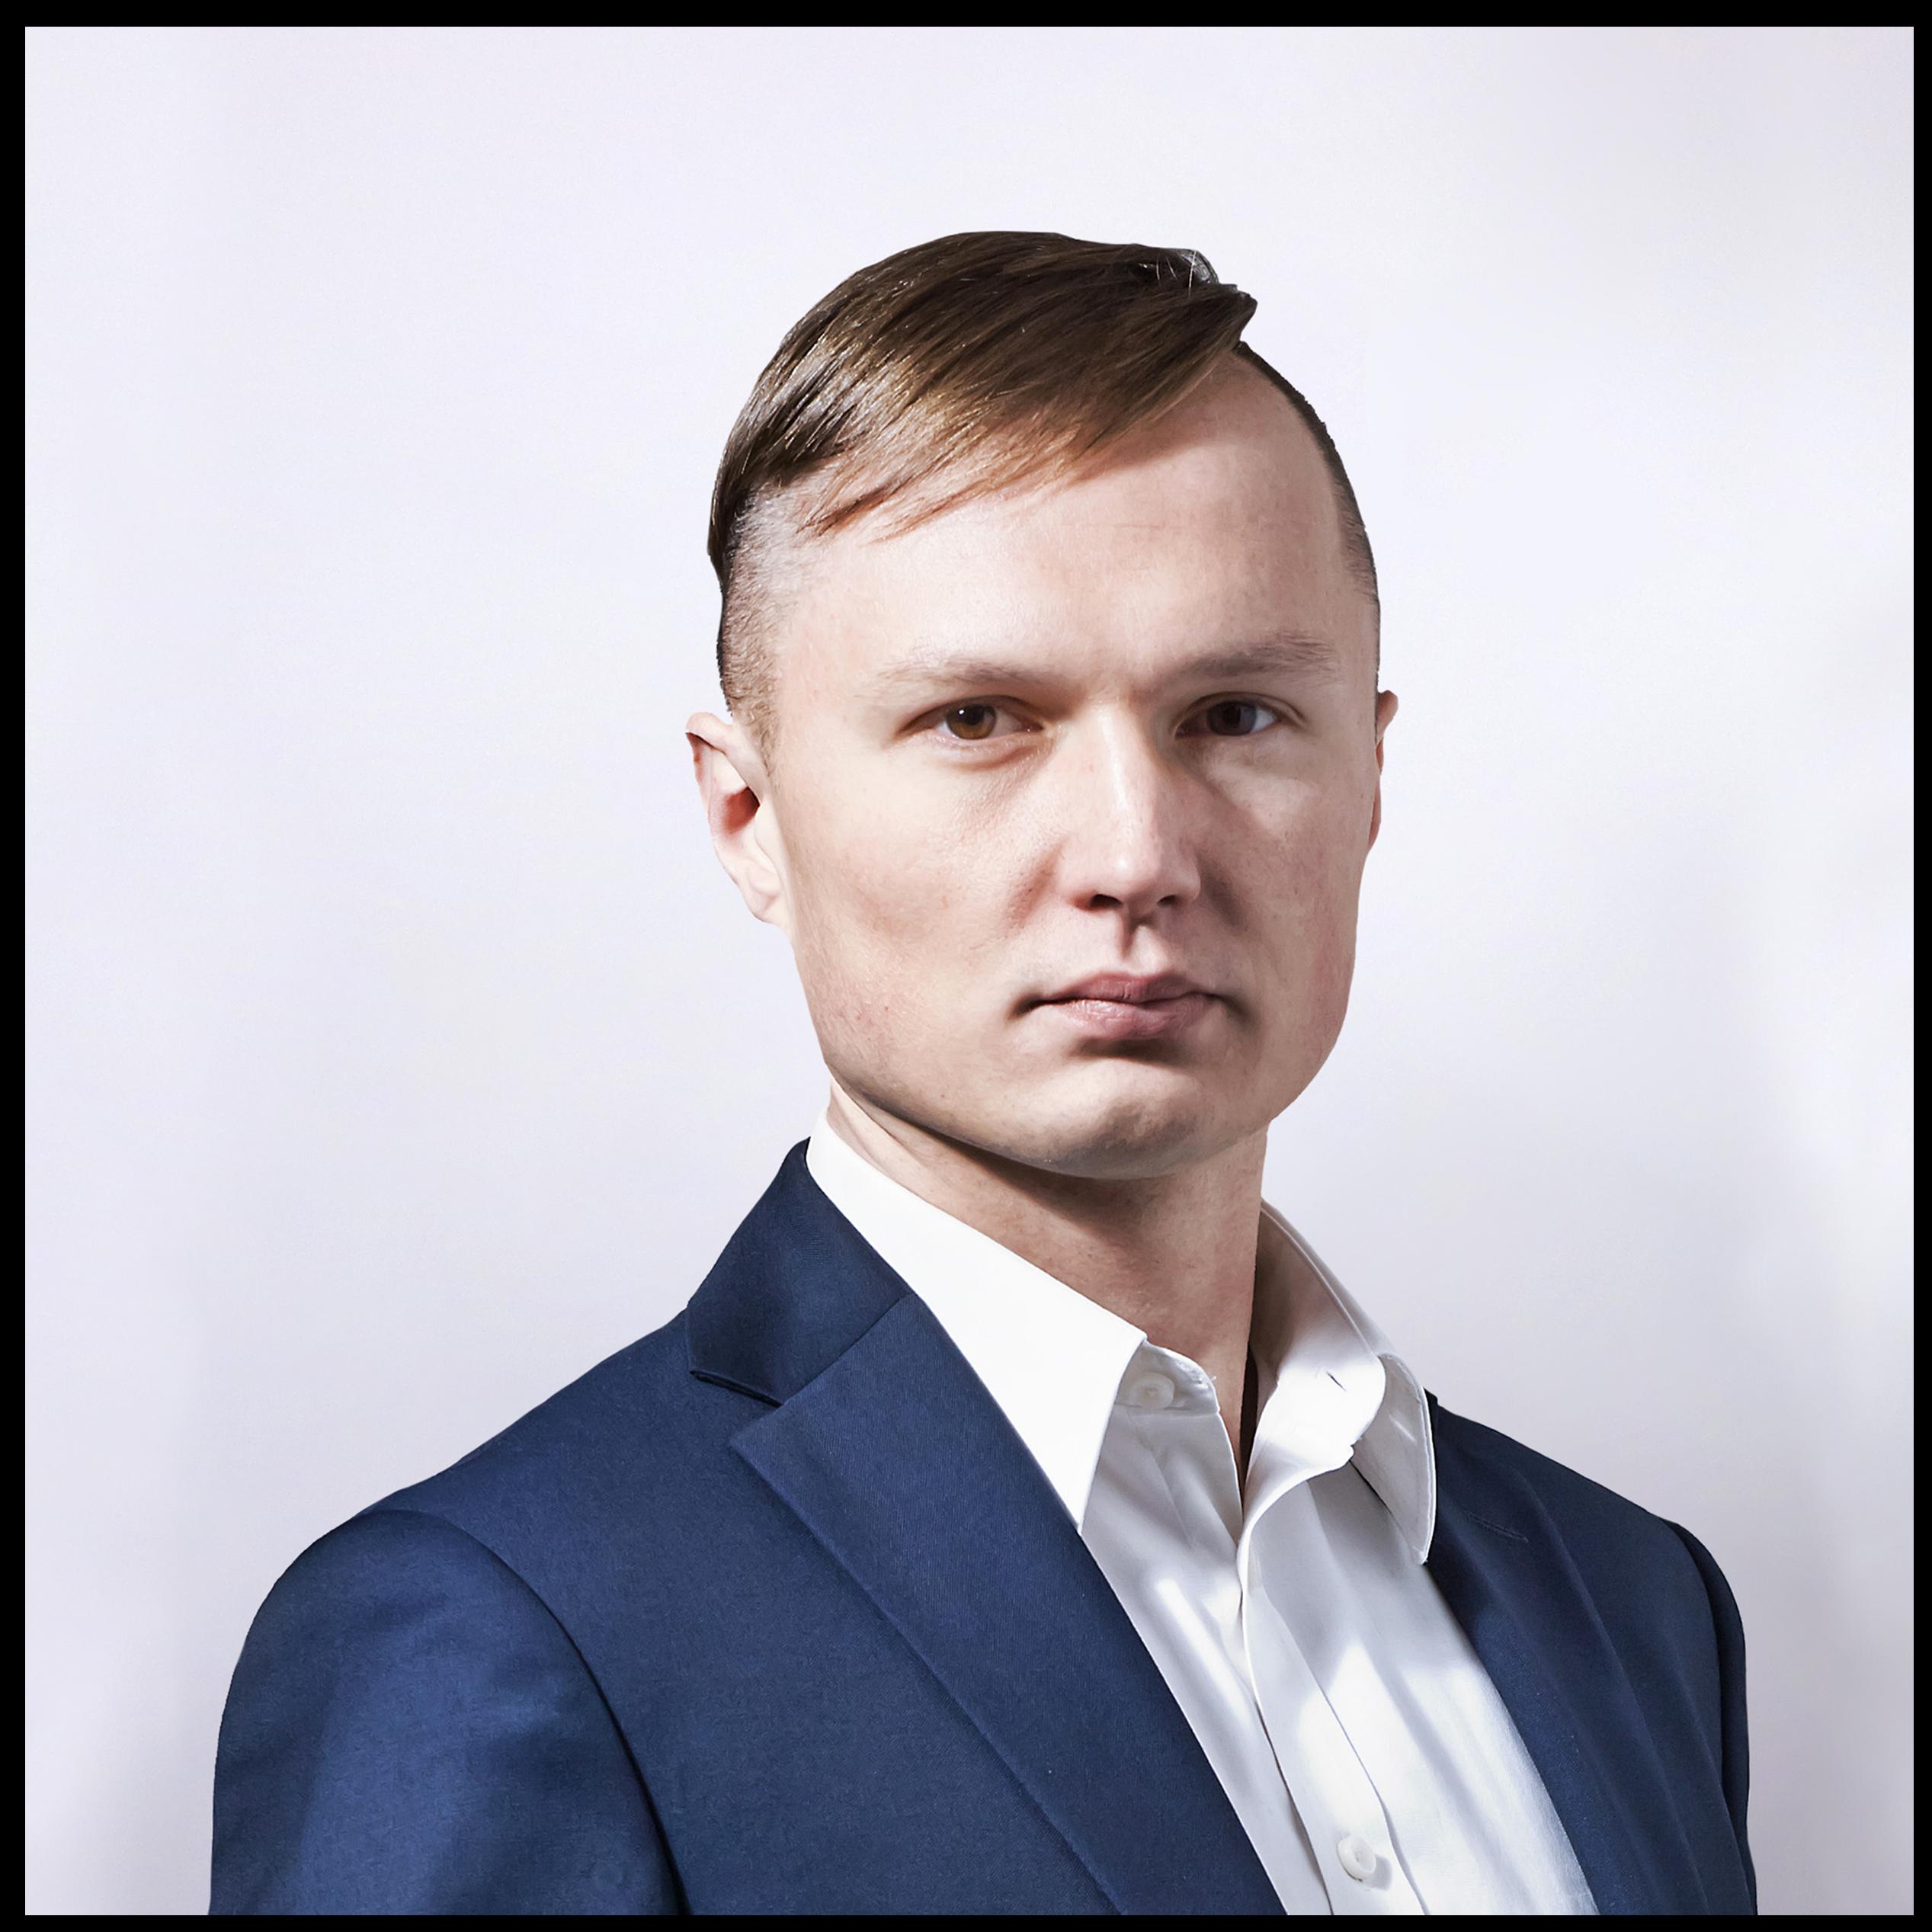 Tomasz Gabryel